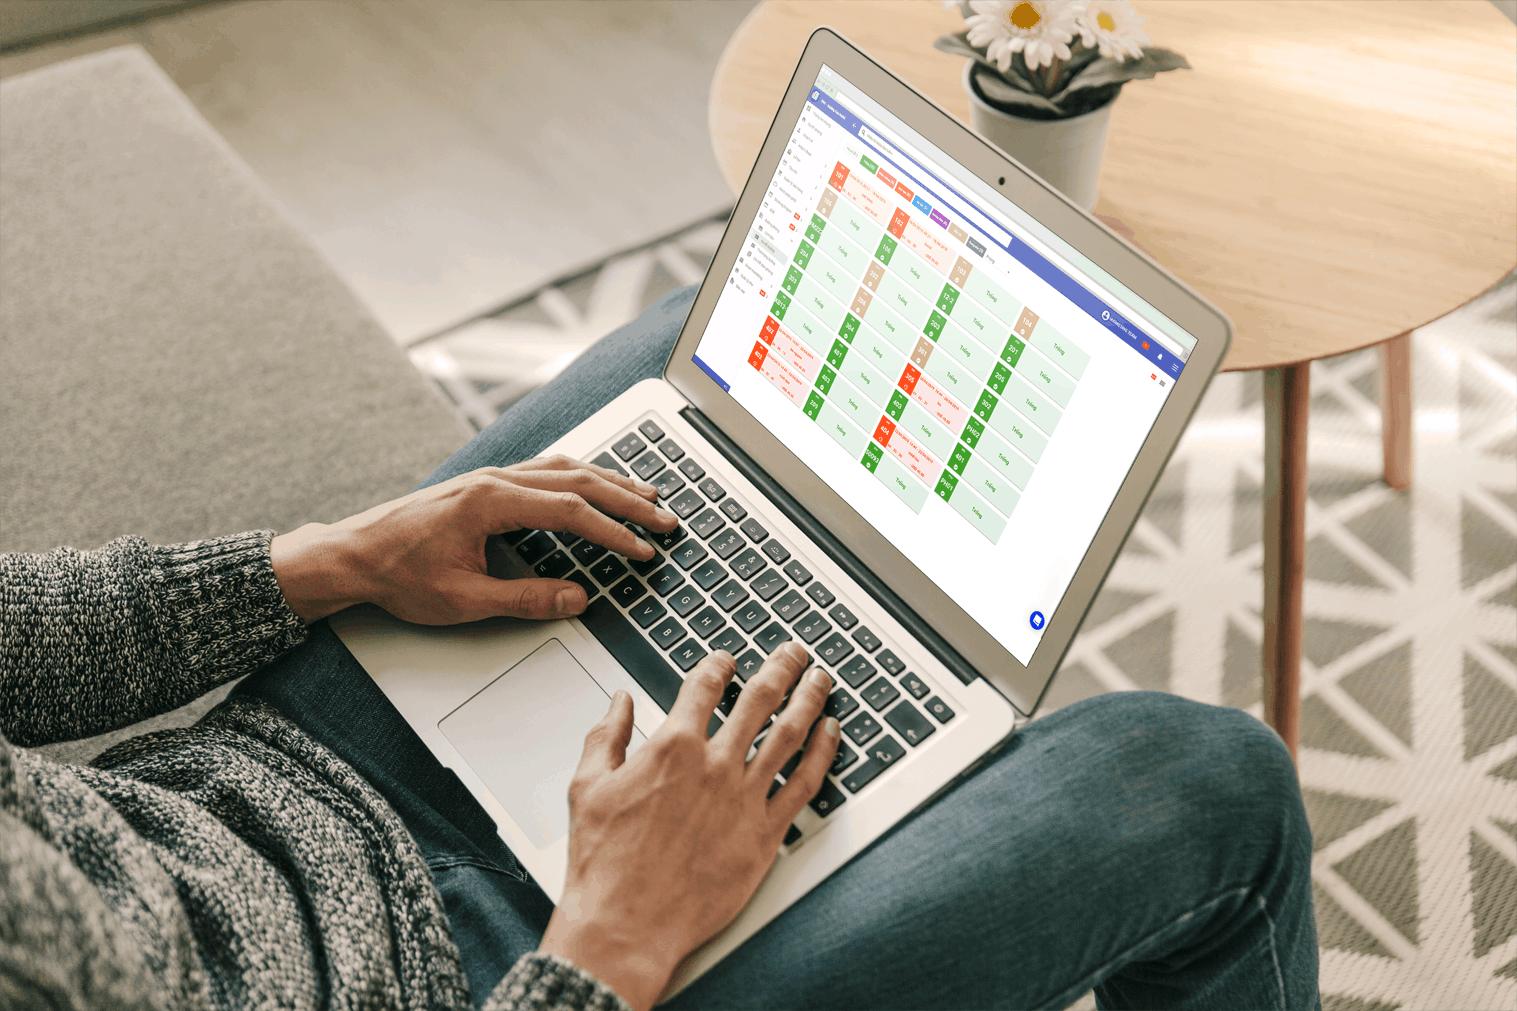 ezCloudhotel cập nhật phiên bản 3.0 với những cải tiến quan trọng